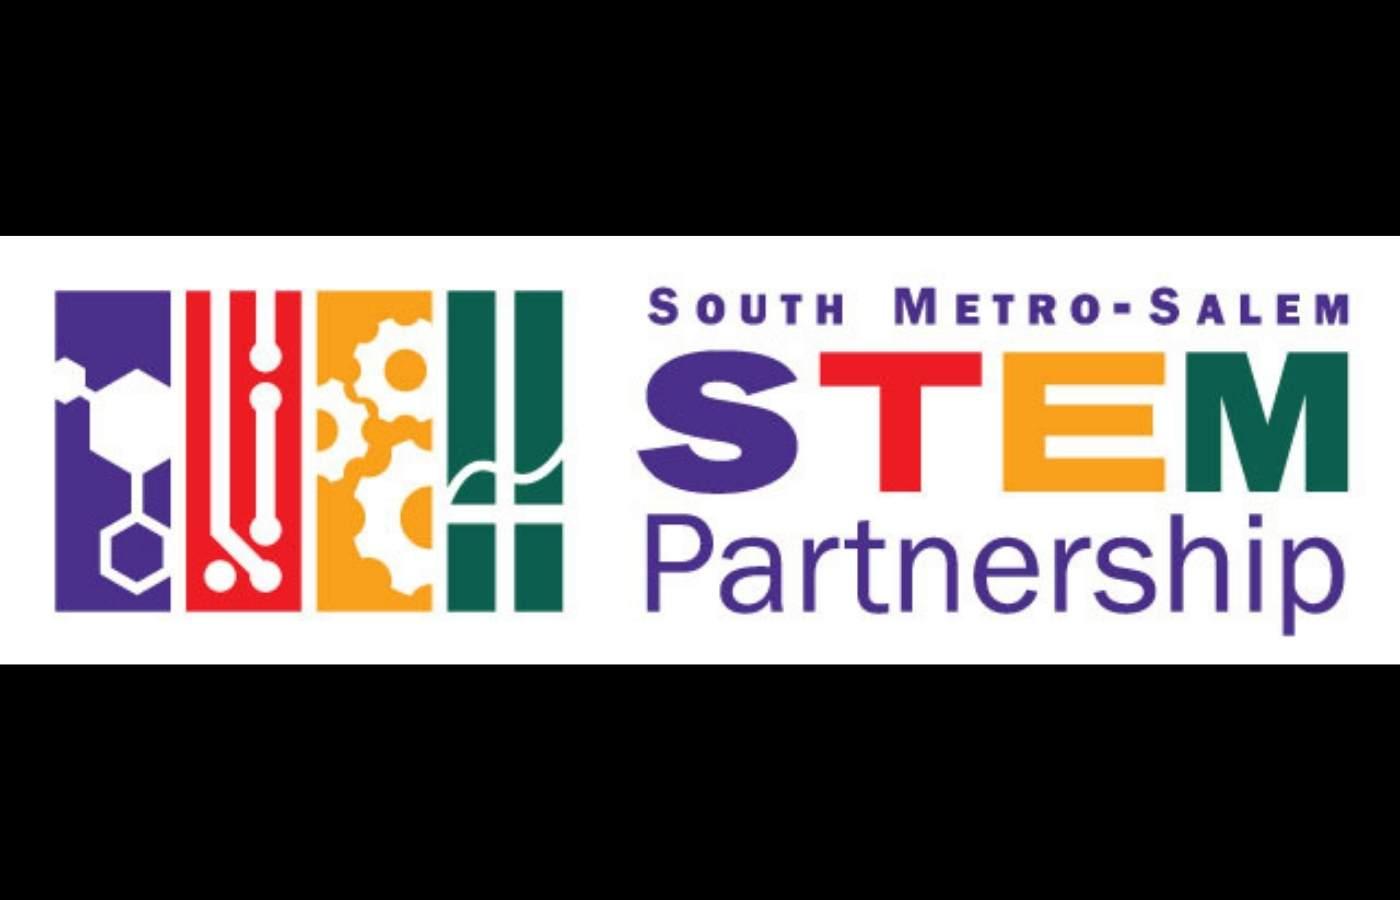 South Metro Salem STEM